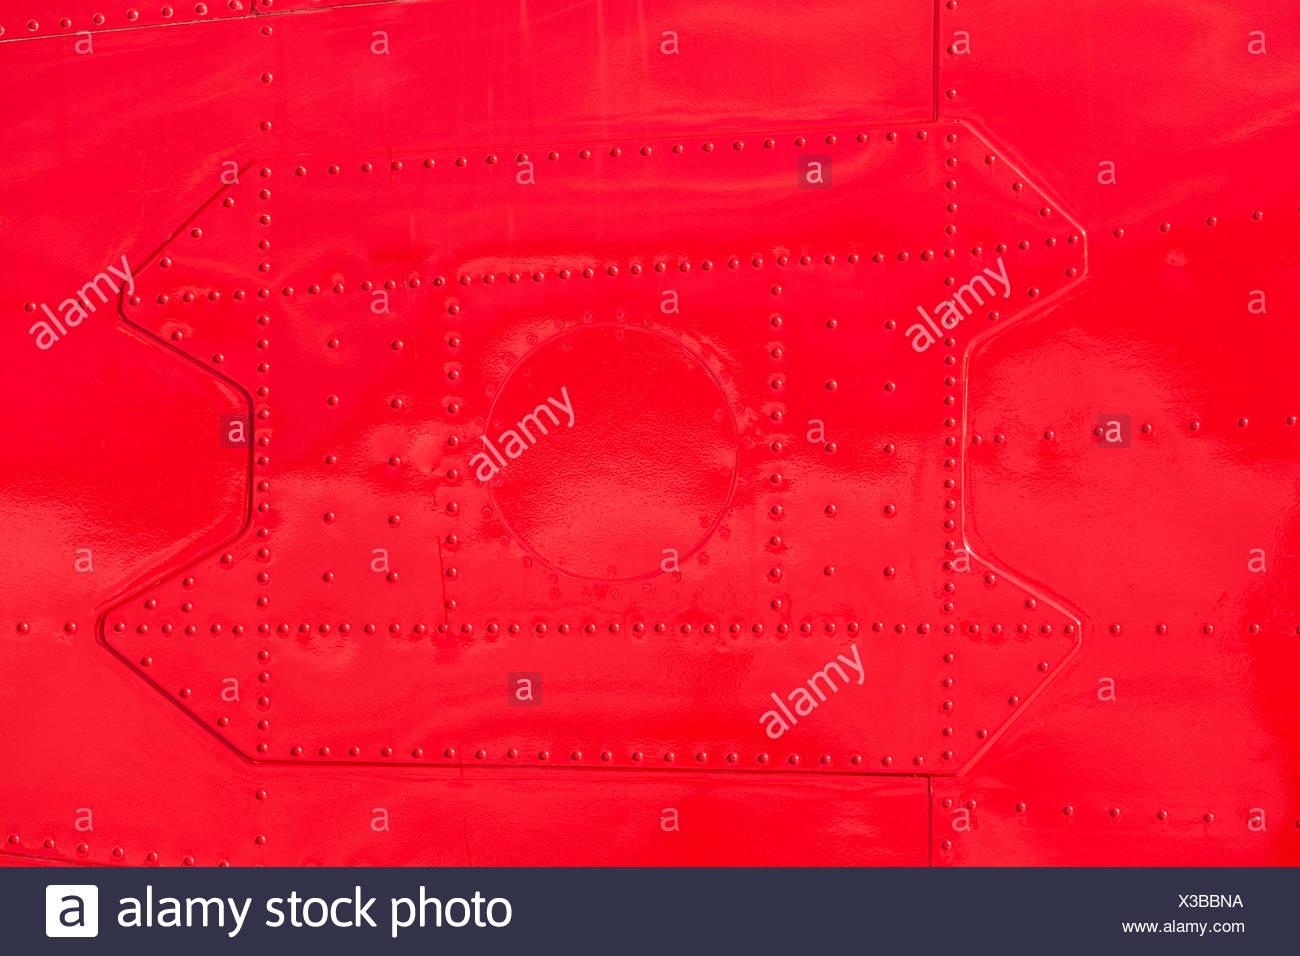 Red painted riveted metal airplane fuselage skin - Stock Image